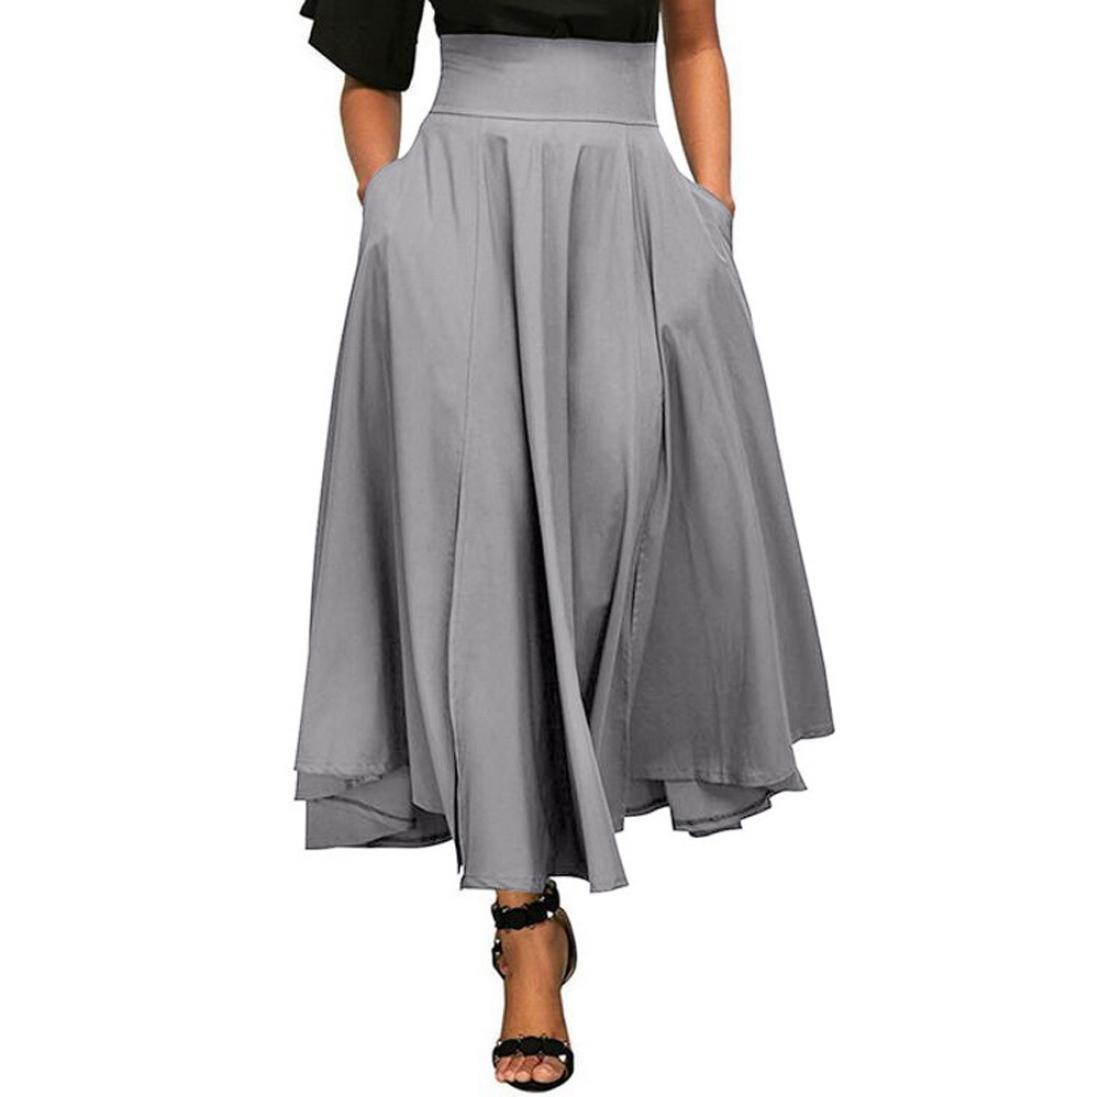 Hemlock Long Skirt Dress High Waist Office Lady Skirts A Line Maxi Skirt Dress (L, Grey)